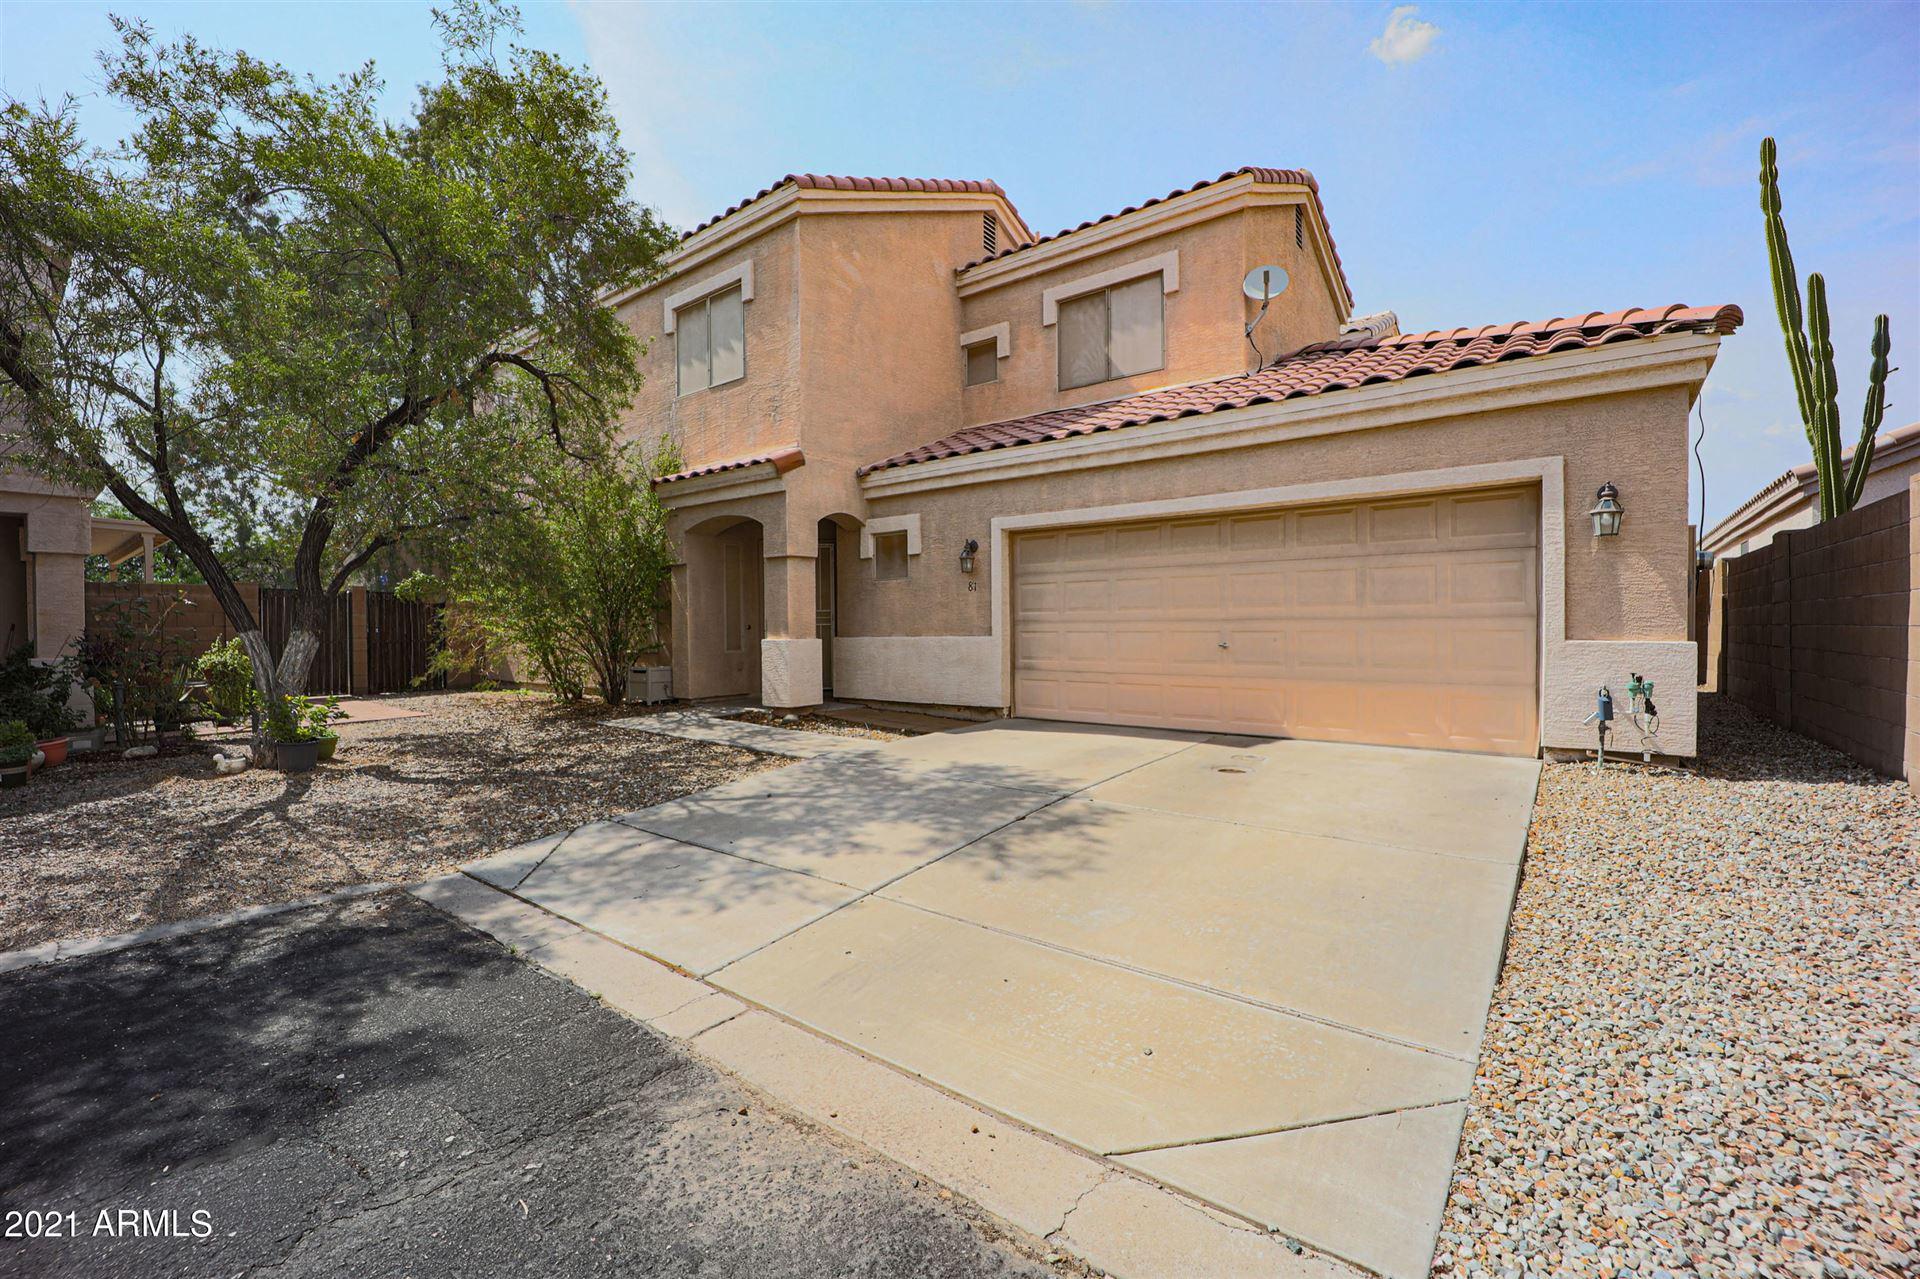 1750 W UNION HILLS Drive #81, Phoenix, AZ 85027 - MLS#: 6266251